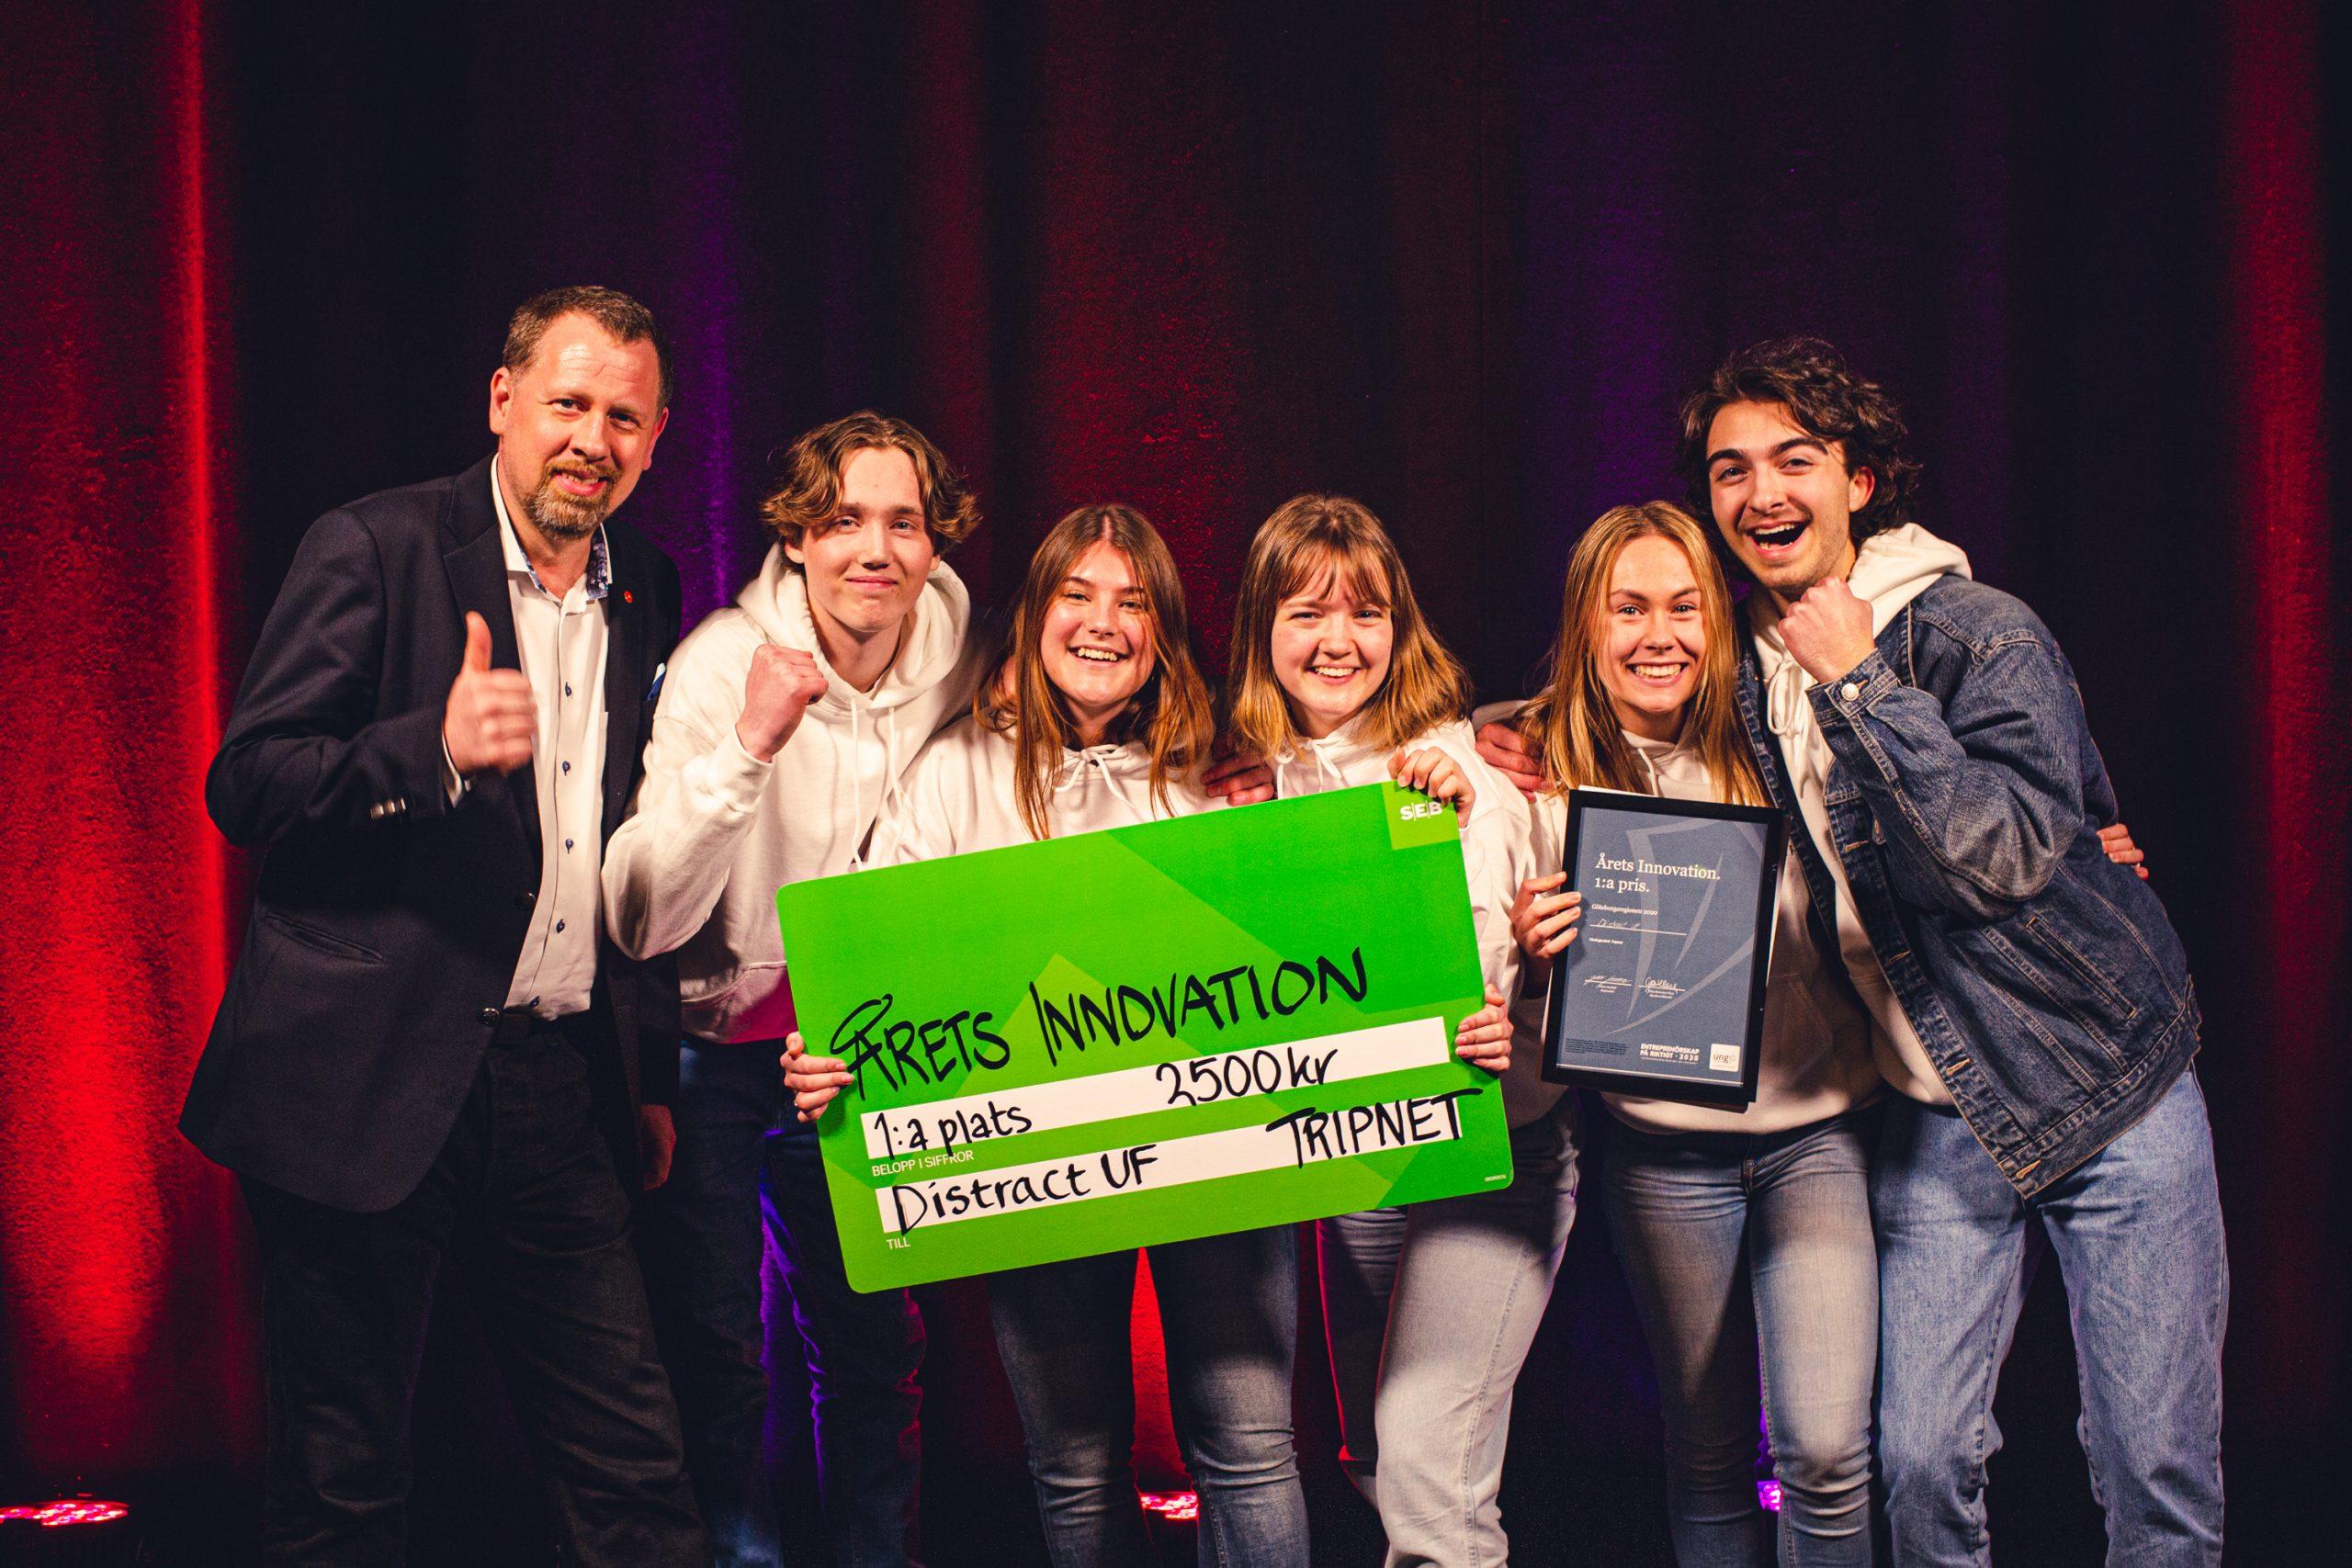 Distract UF, vinnare i Årets Innovation på UF-mässan i Göteborg 2020. Tävlingsvärd är Tripnet.